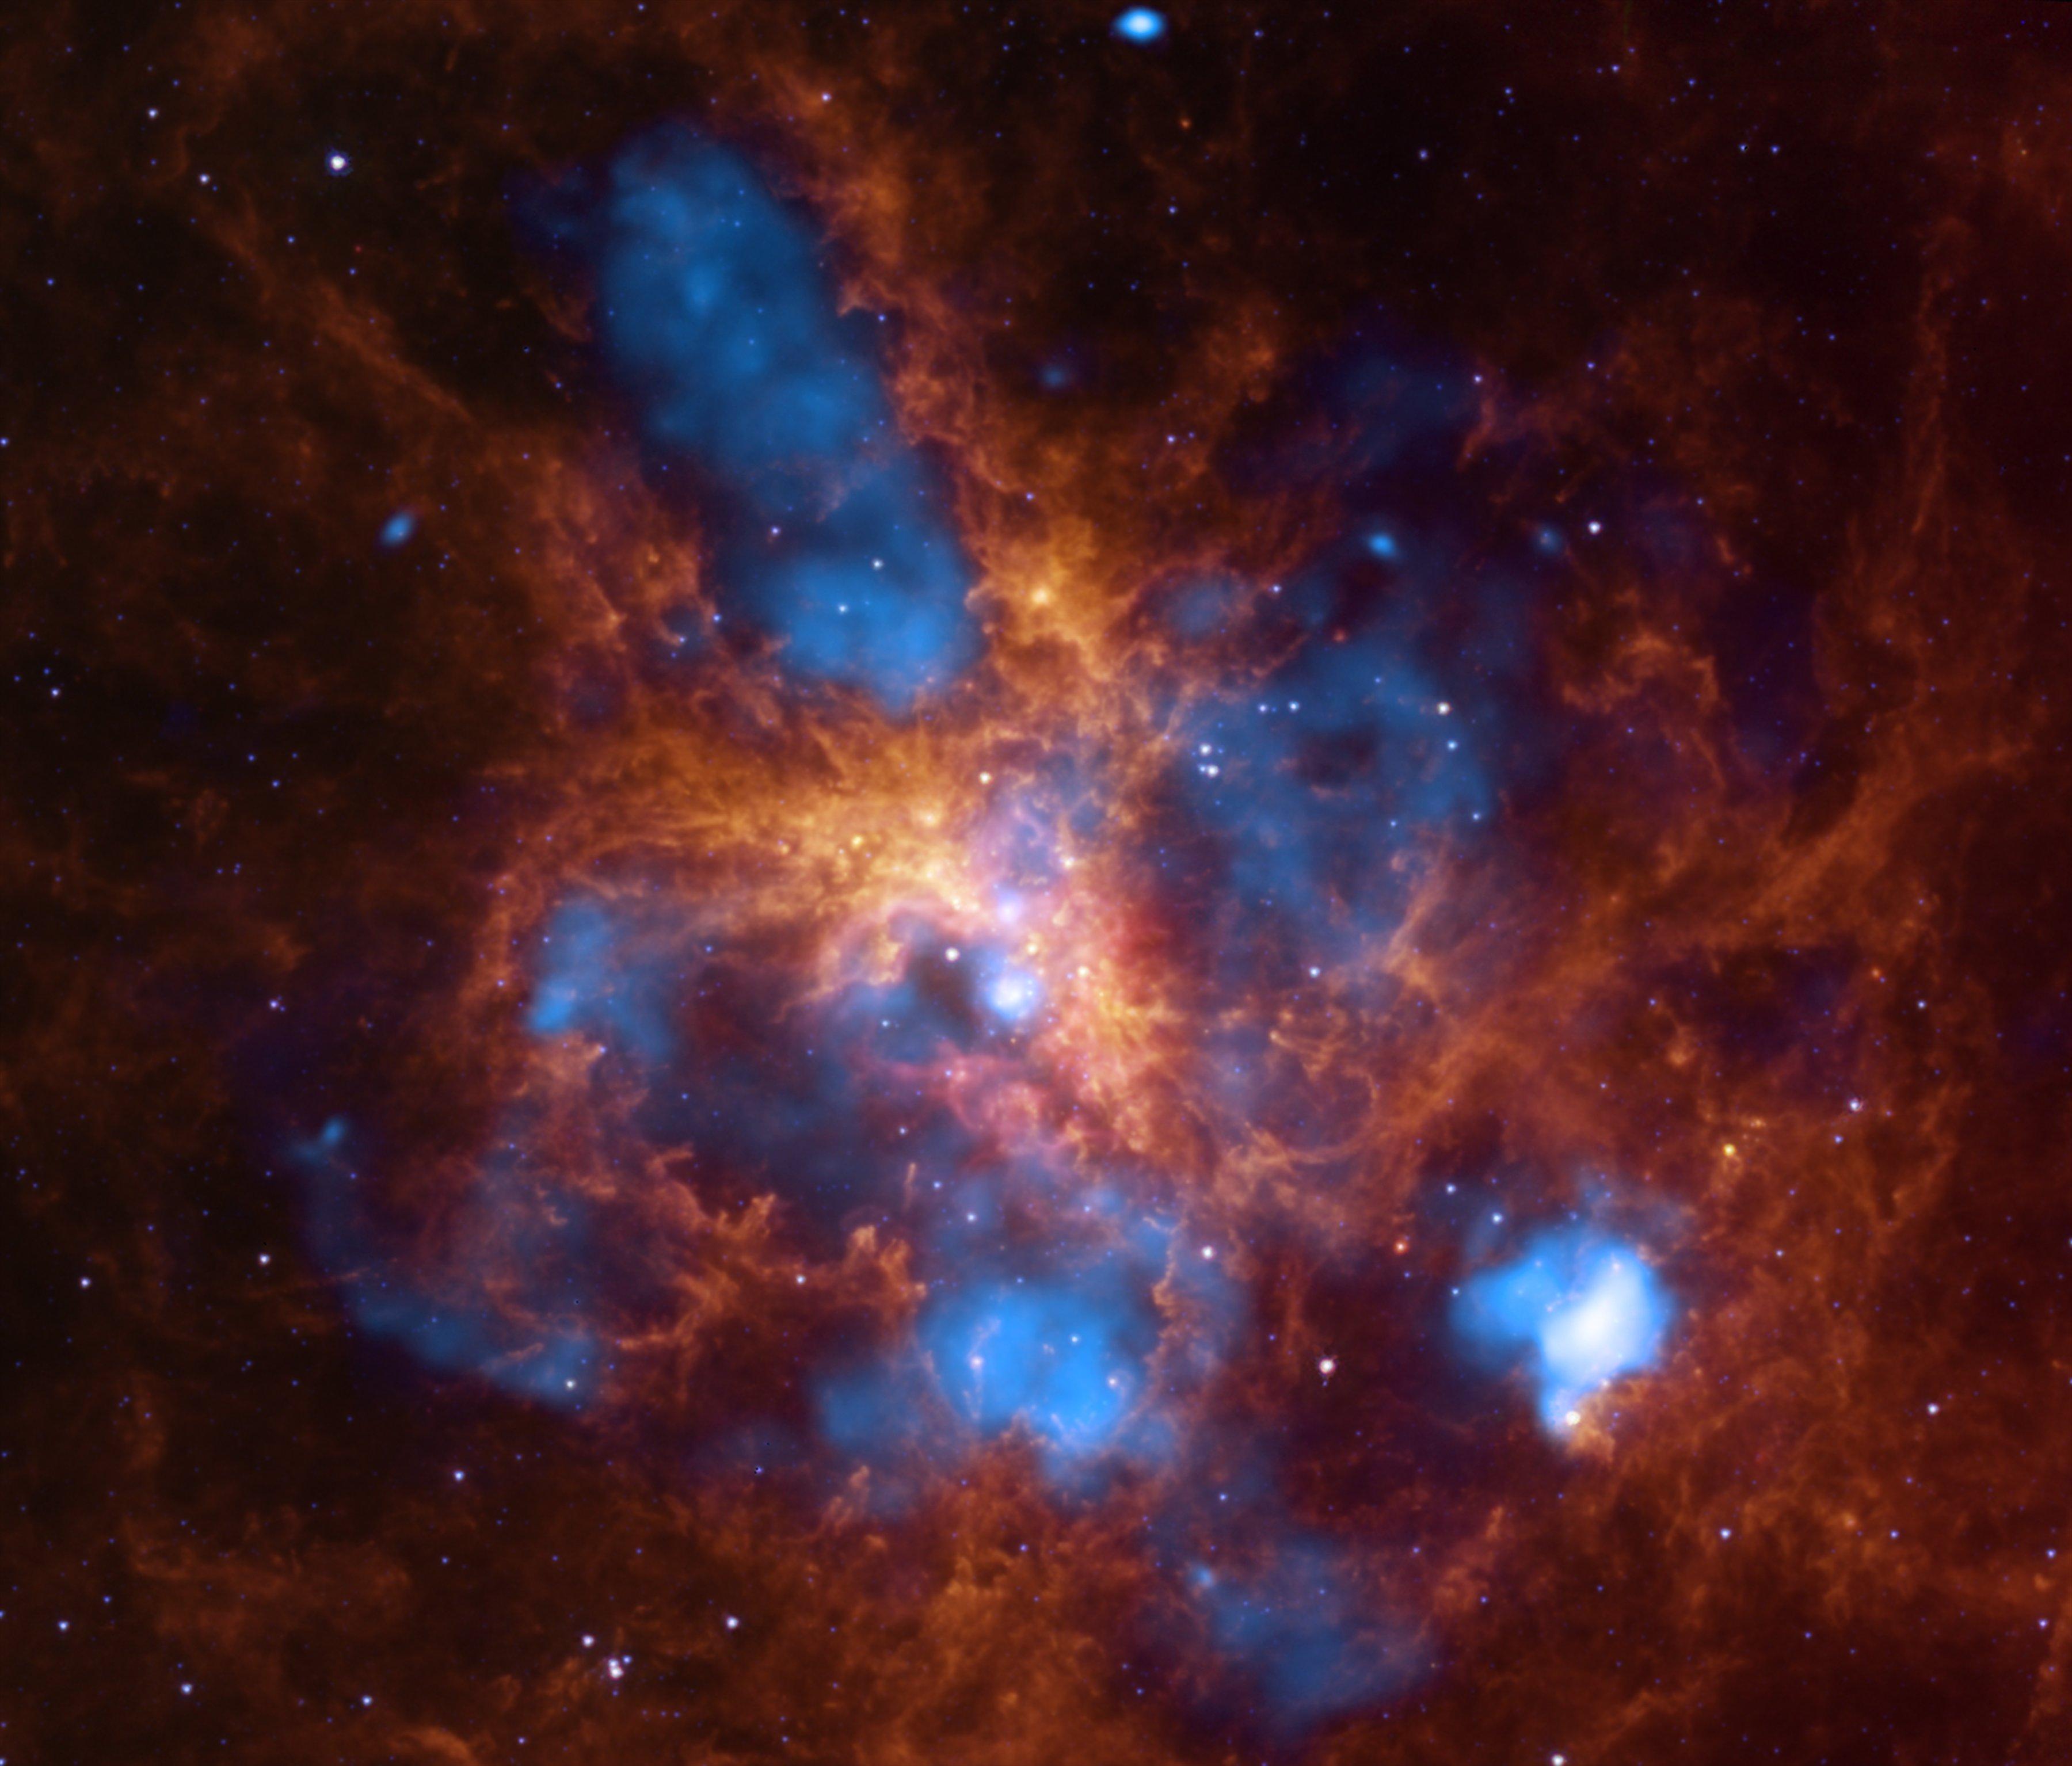 Секс и космос фото 4 фотография